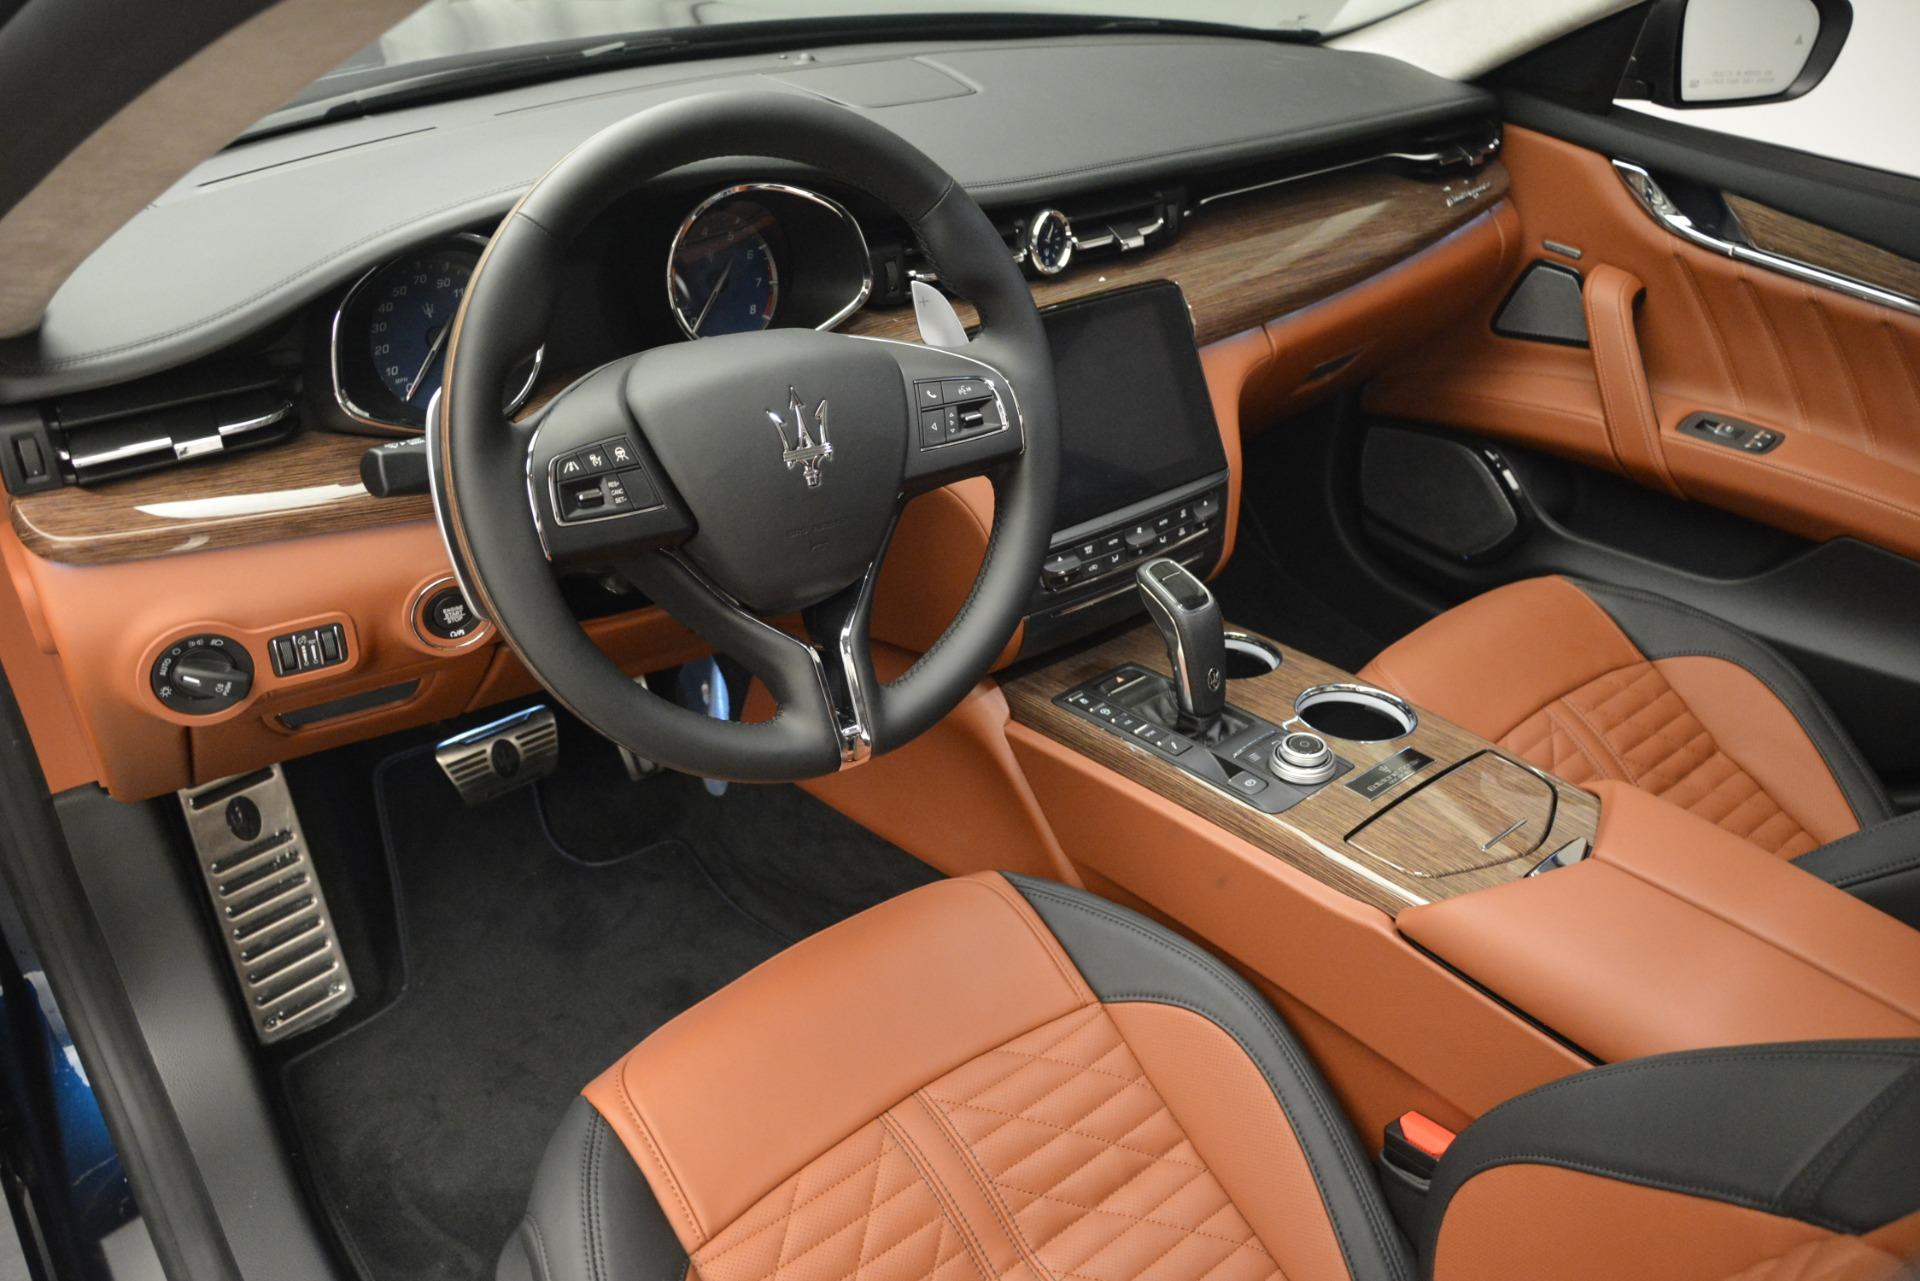 New 2019 Maserati Quattroporte S Q4 GranLusso Edizione Nobile For Sale In Westport, CT 2898_p20